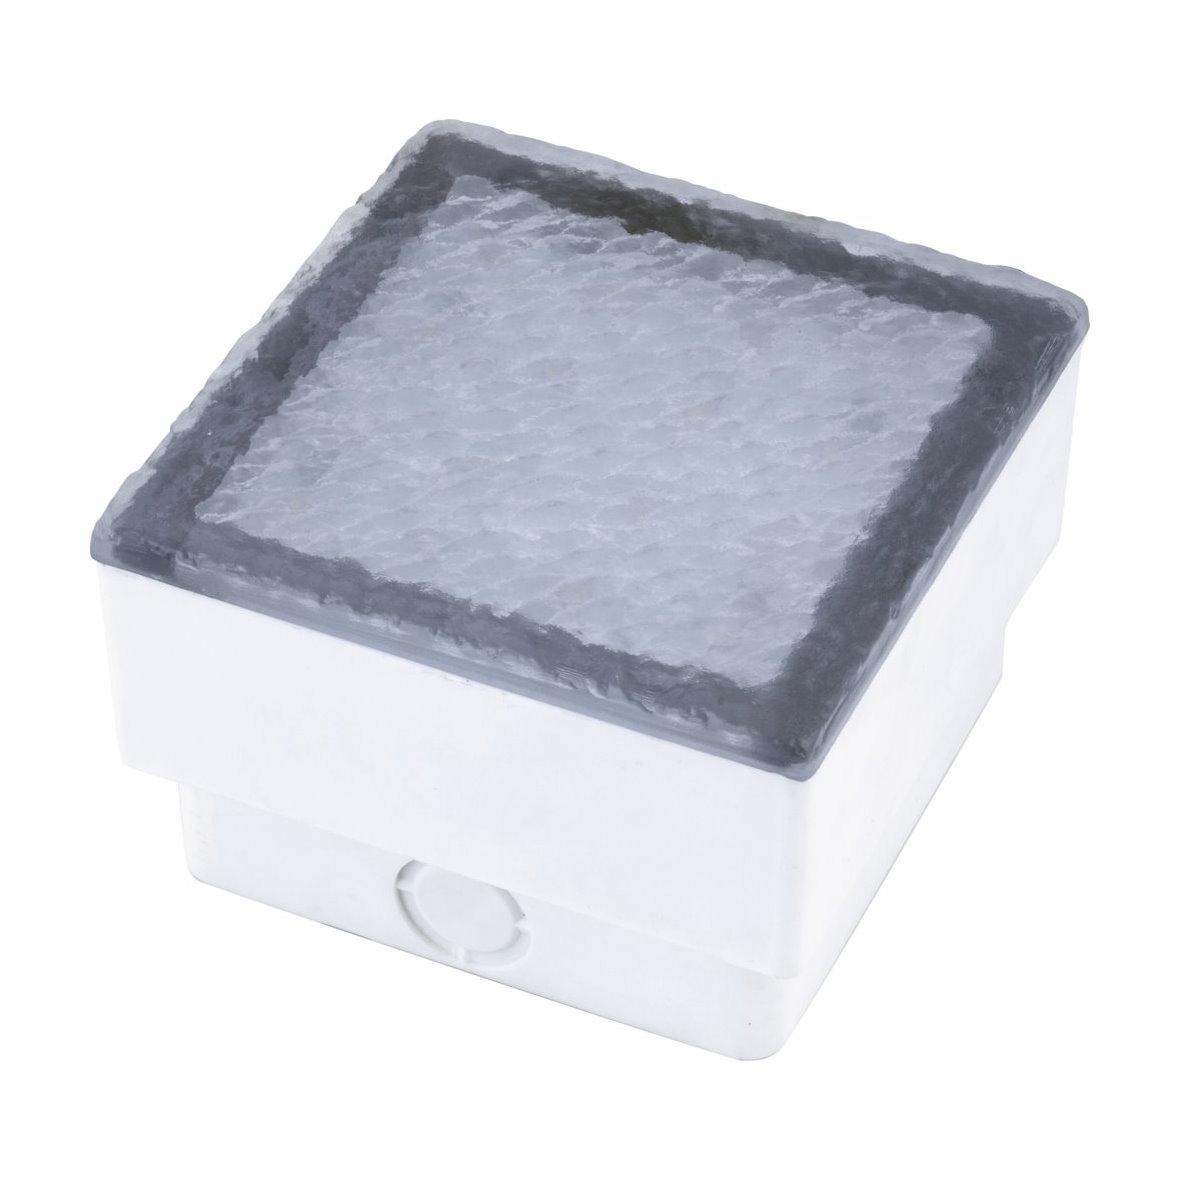 led bodeneinbauleuchte pflaster aussen ip67 boden leuchte einbau strahler 230v ebay. Black Bedroom Furniture Sets. Home Design Ideas